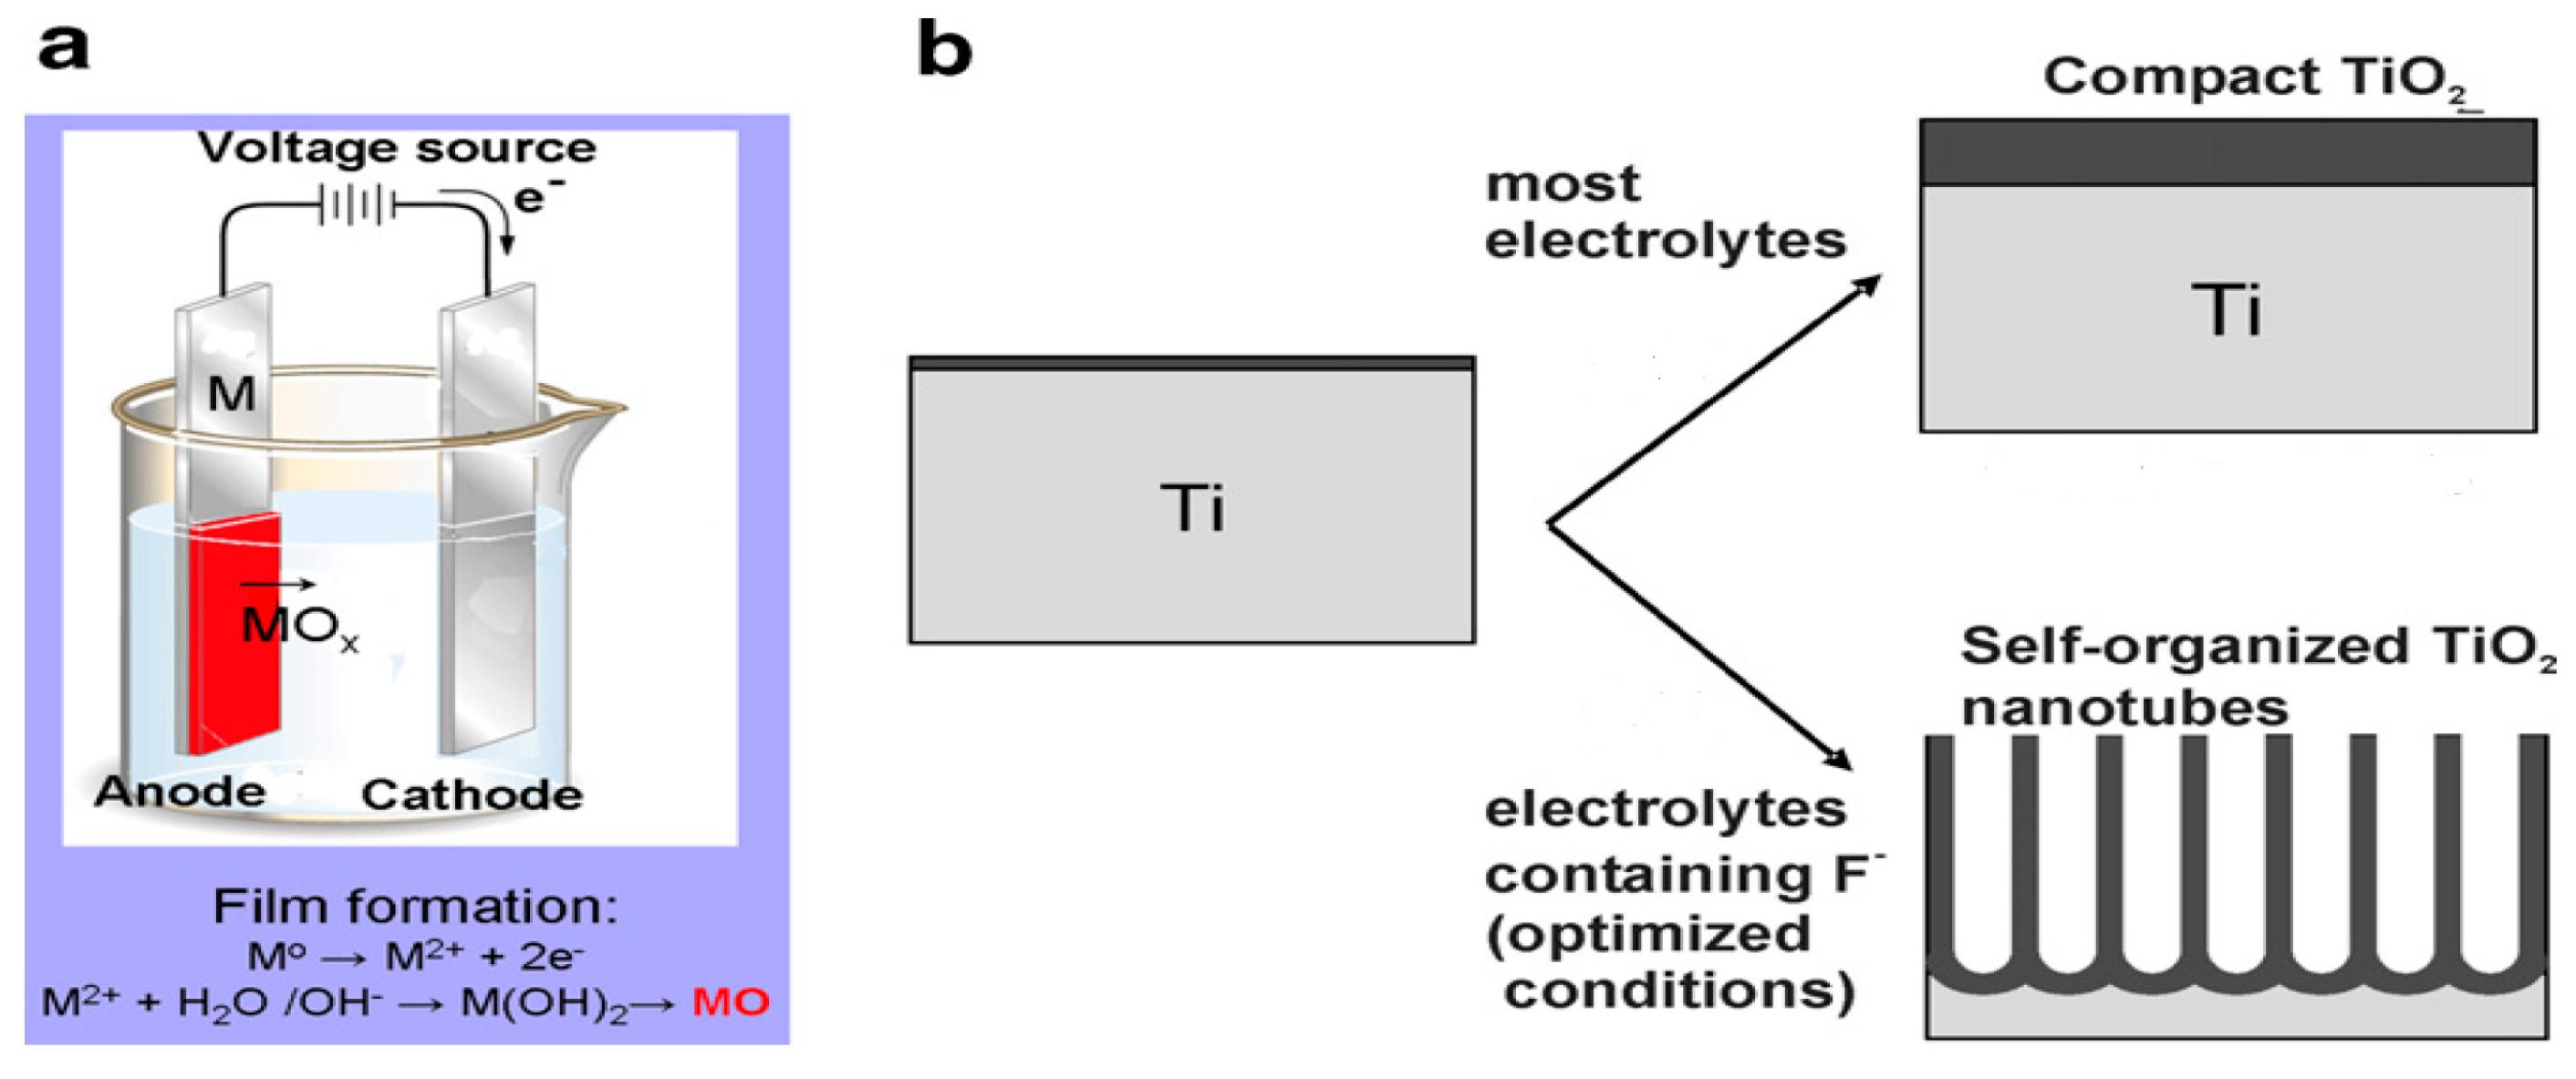 nanomaterials 10 g011